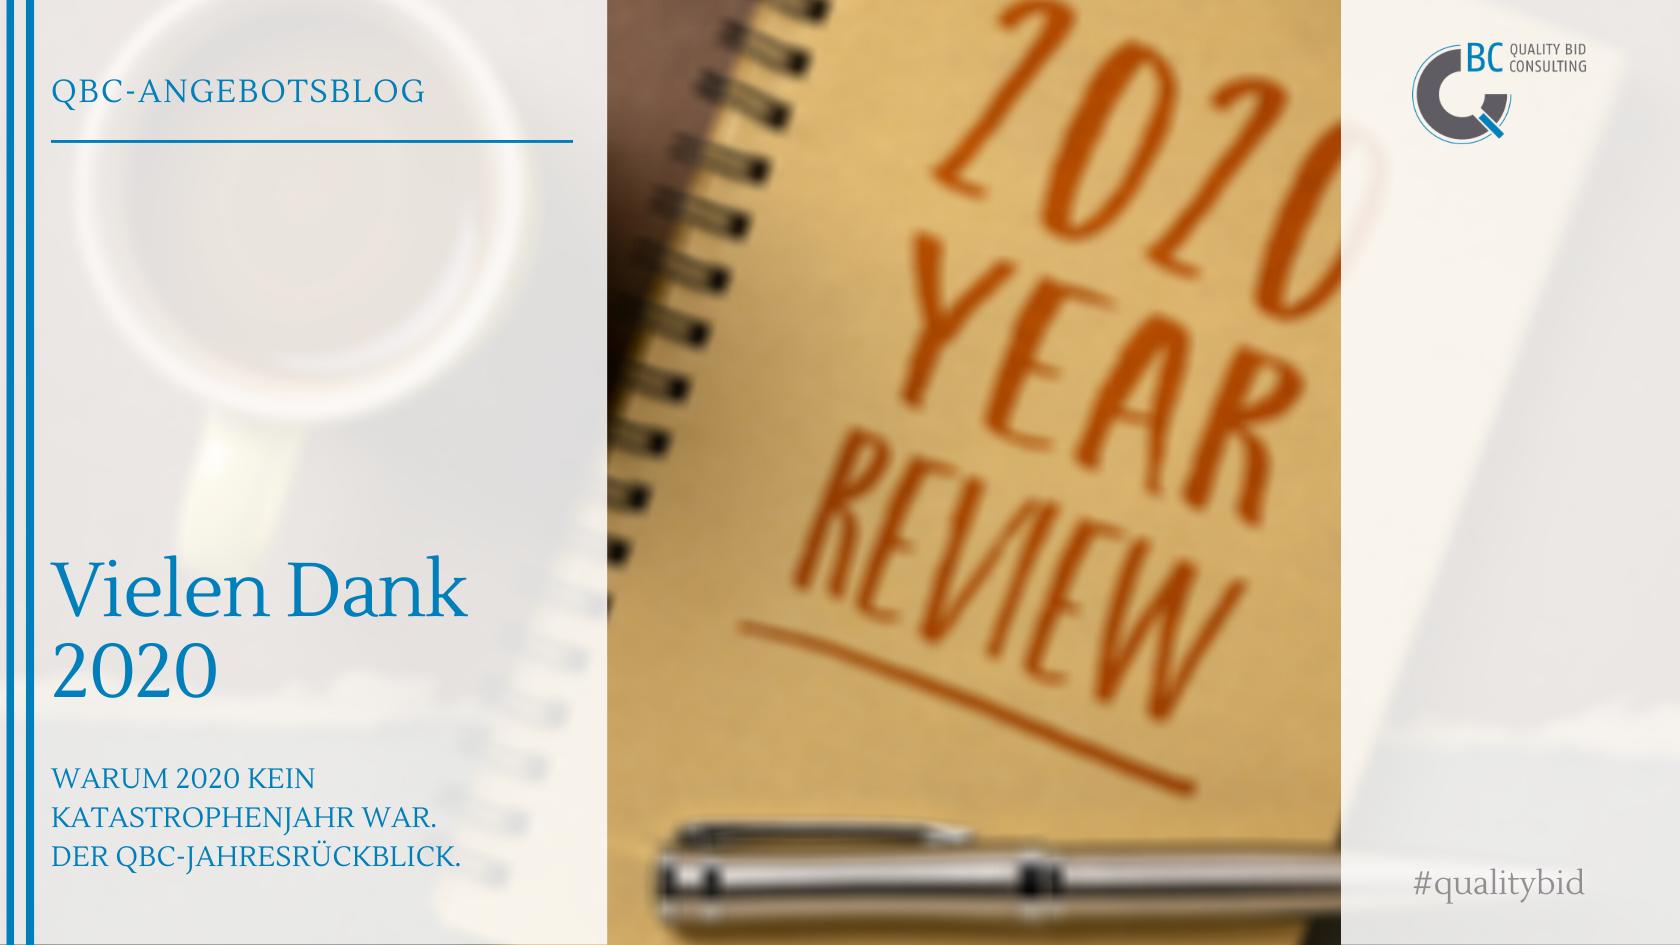 Vielen Dank 2020 – Der QBC-Jahresrückblick